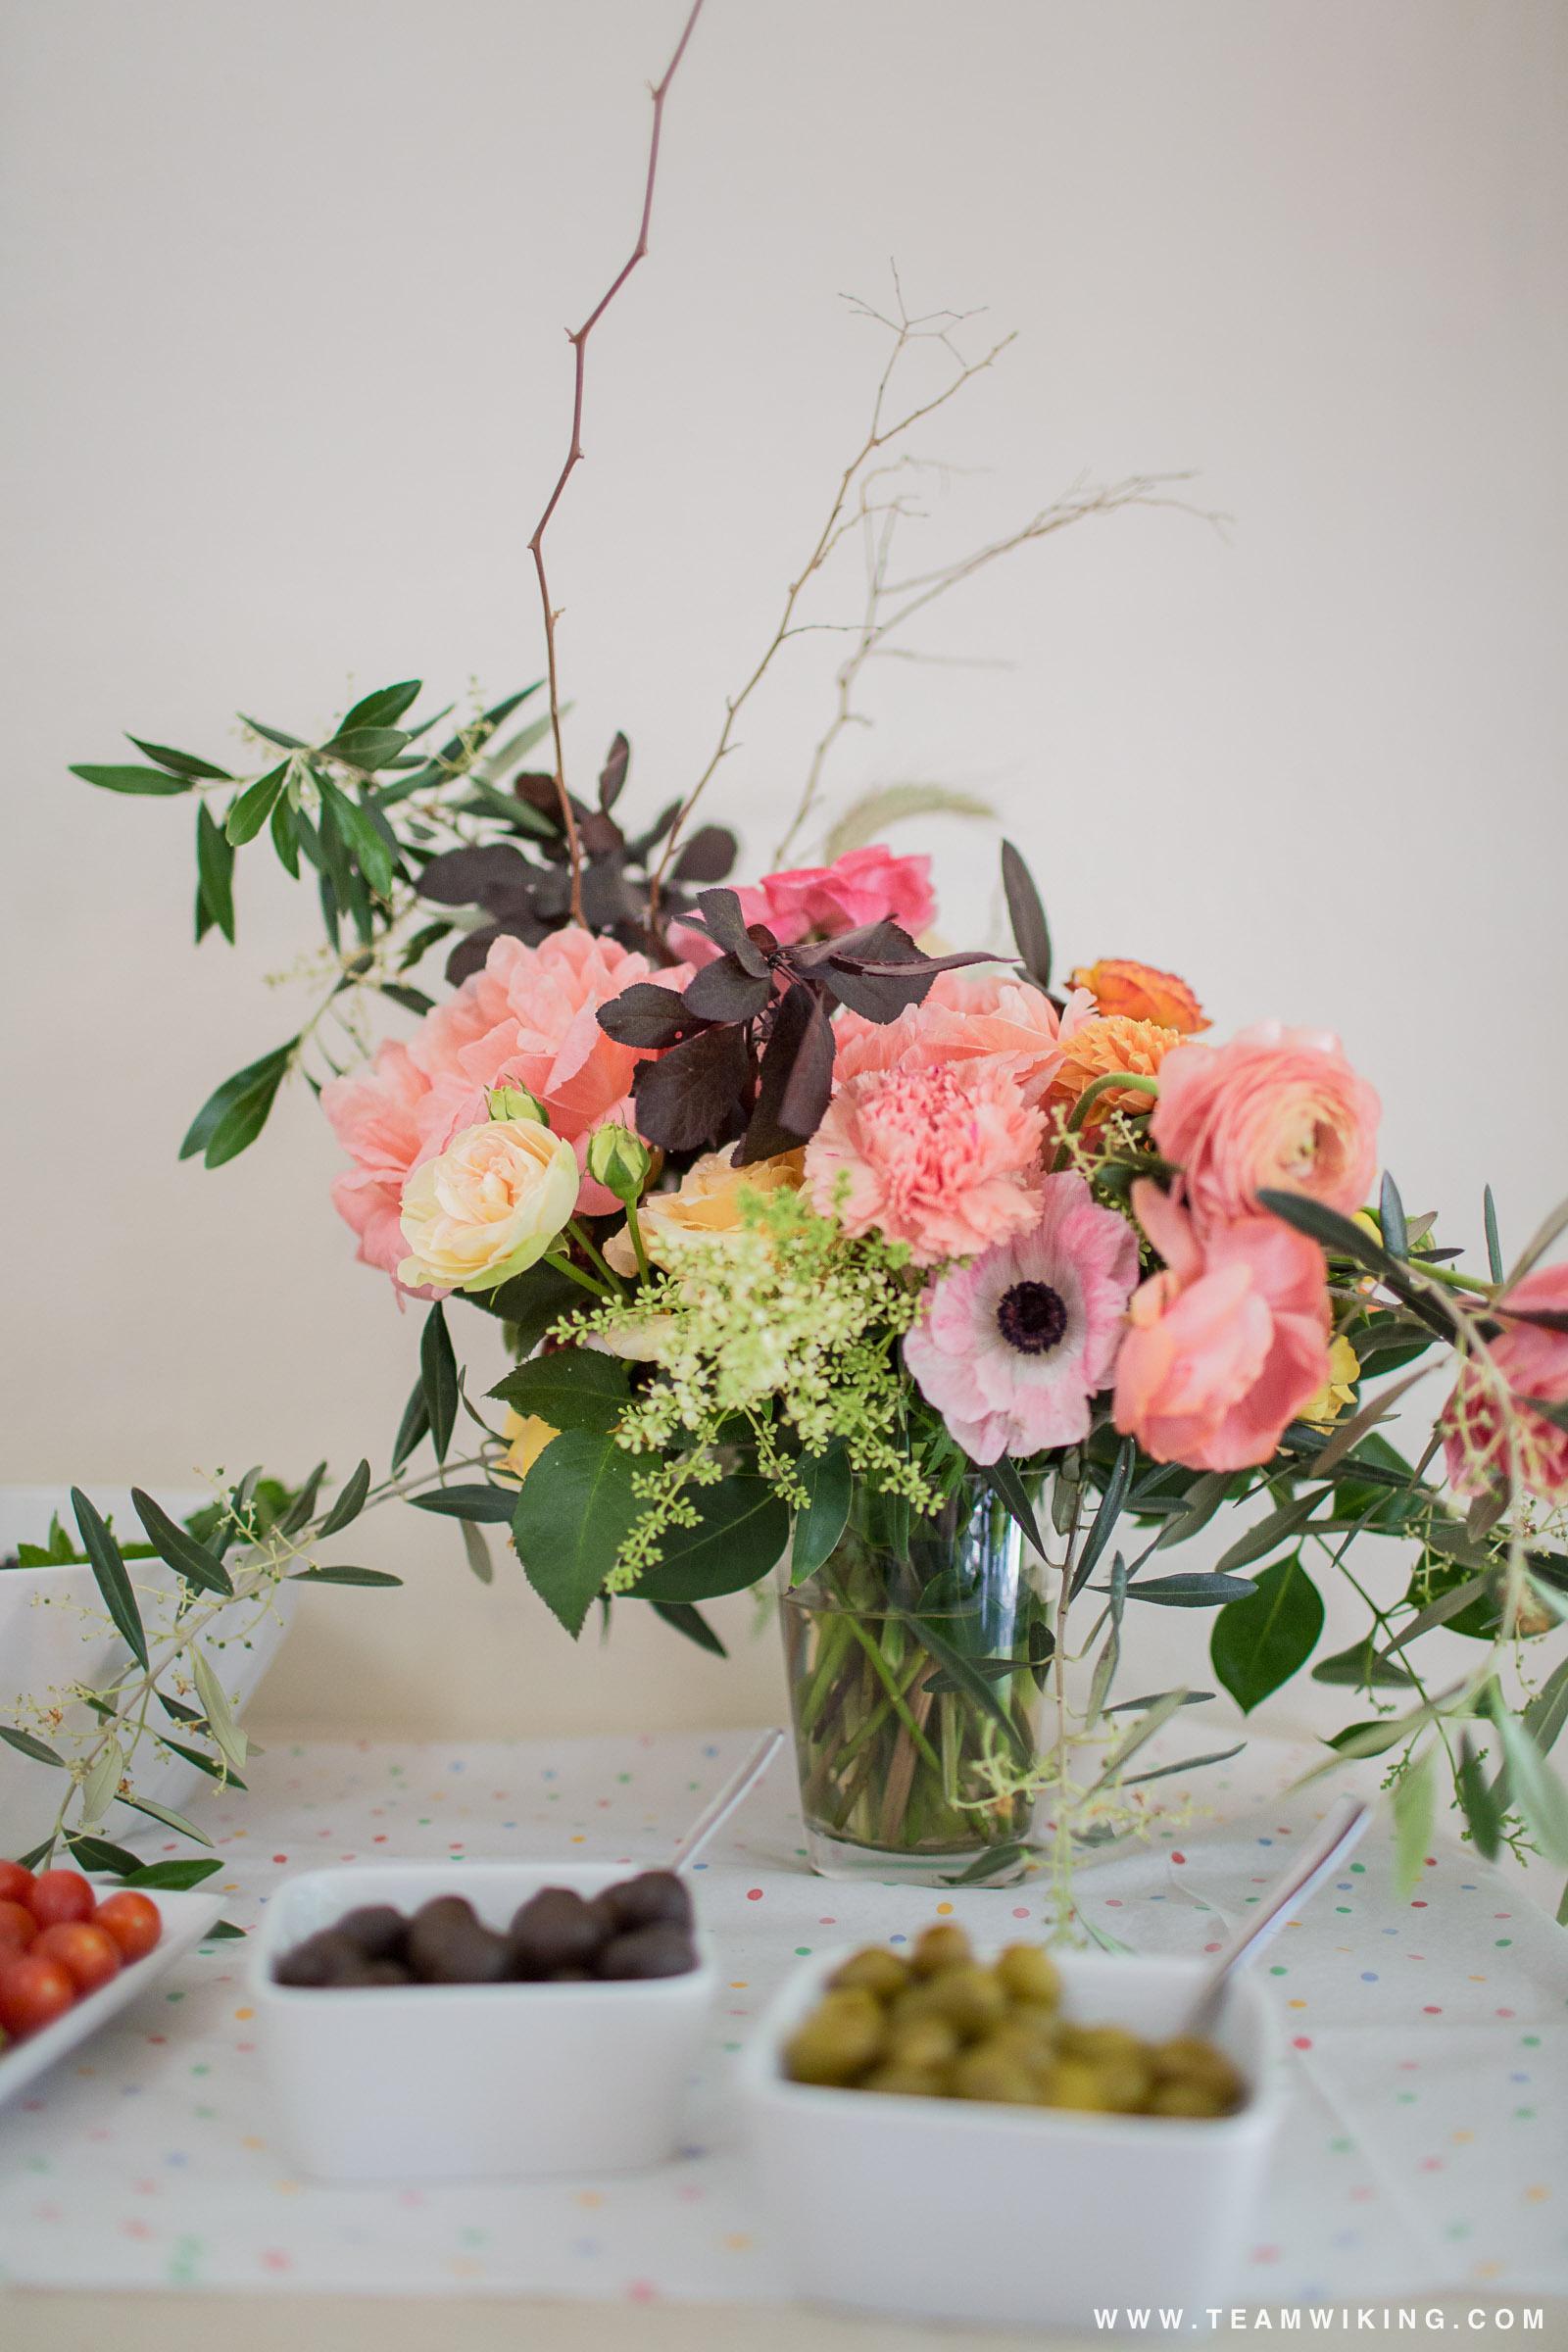 Florals by ML Garden + Design near San Francisco, California